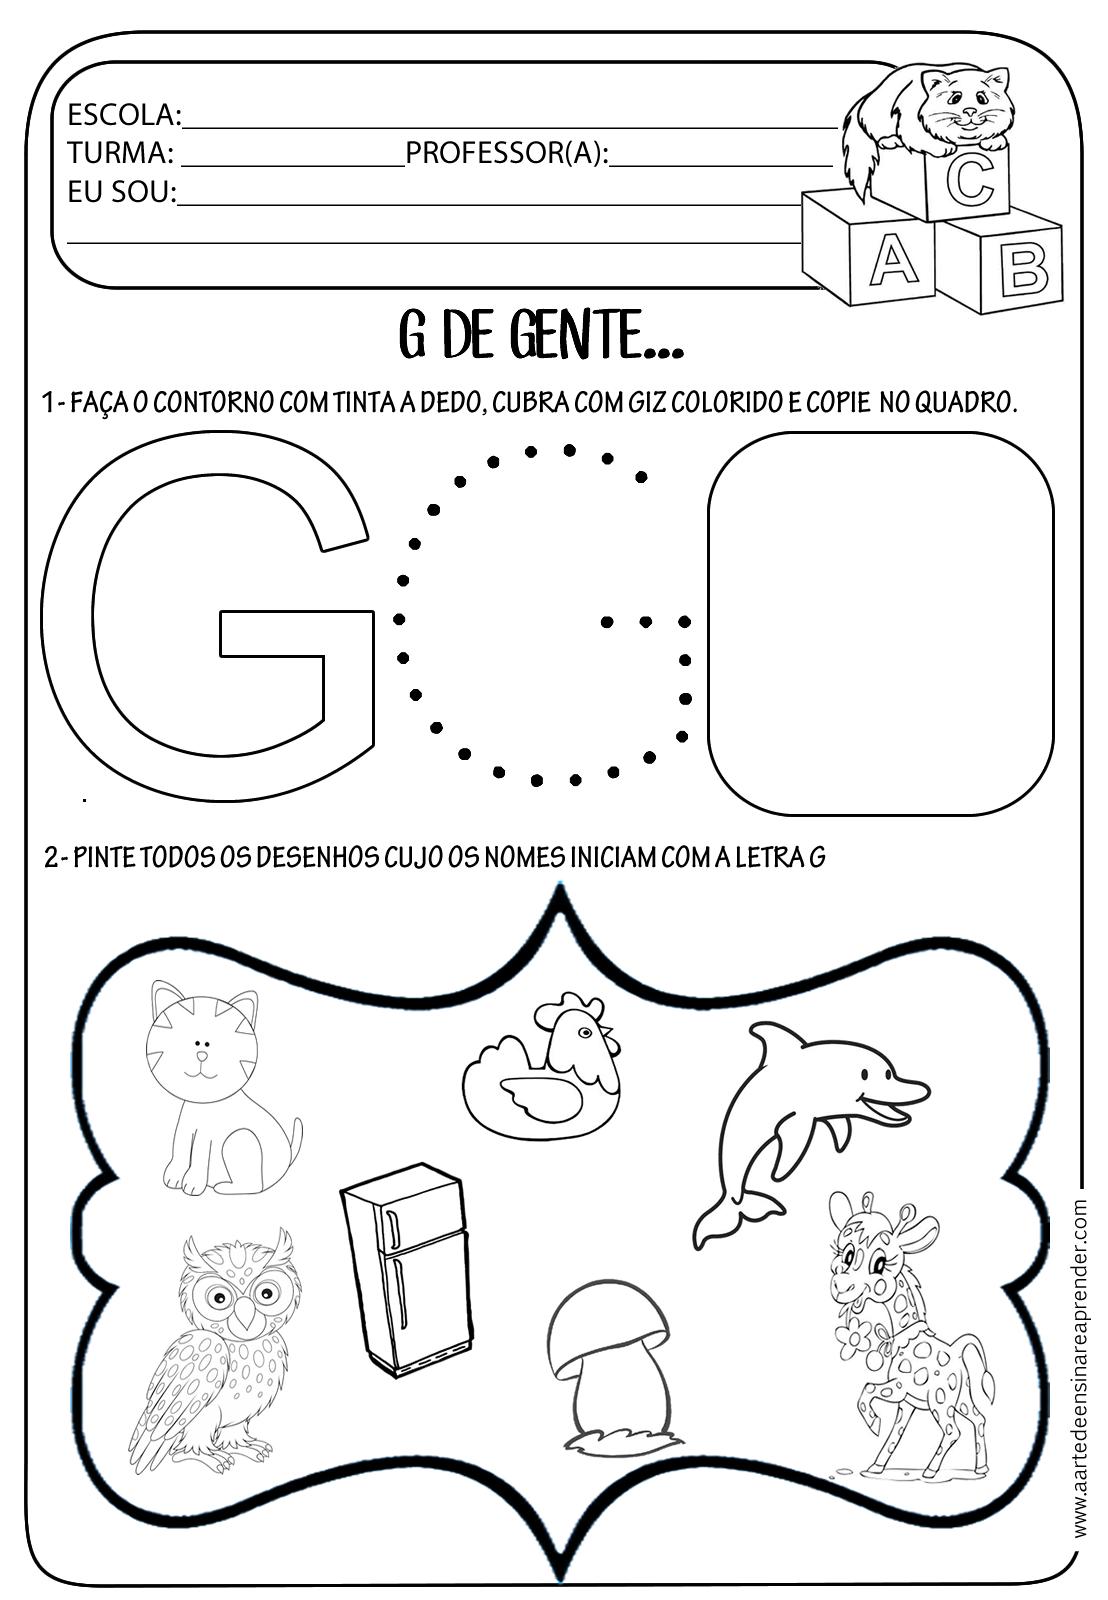 Muitas vezes Atividade pronta- Letra G - A Arte de Ensinar e Aprender HP29